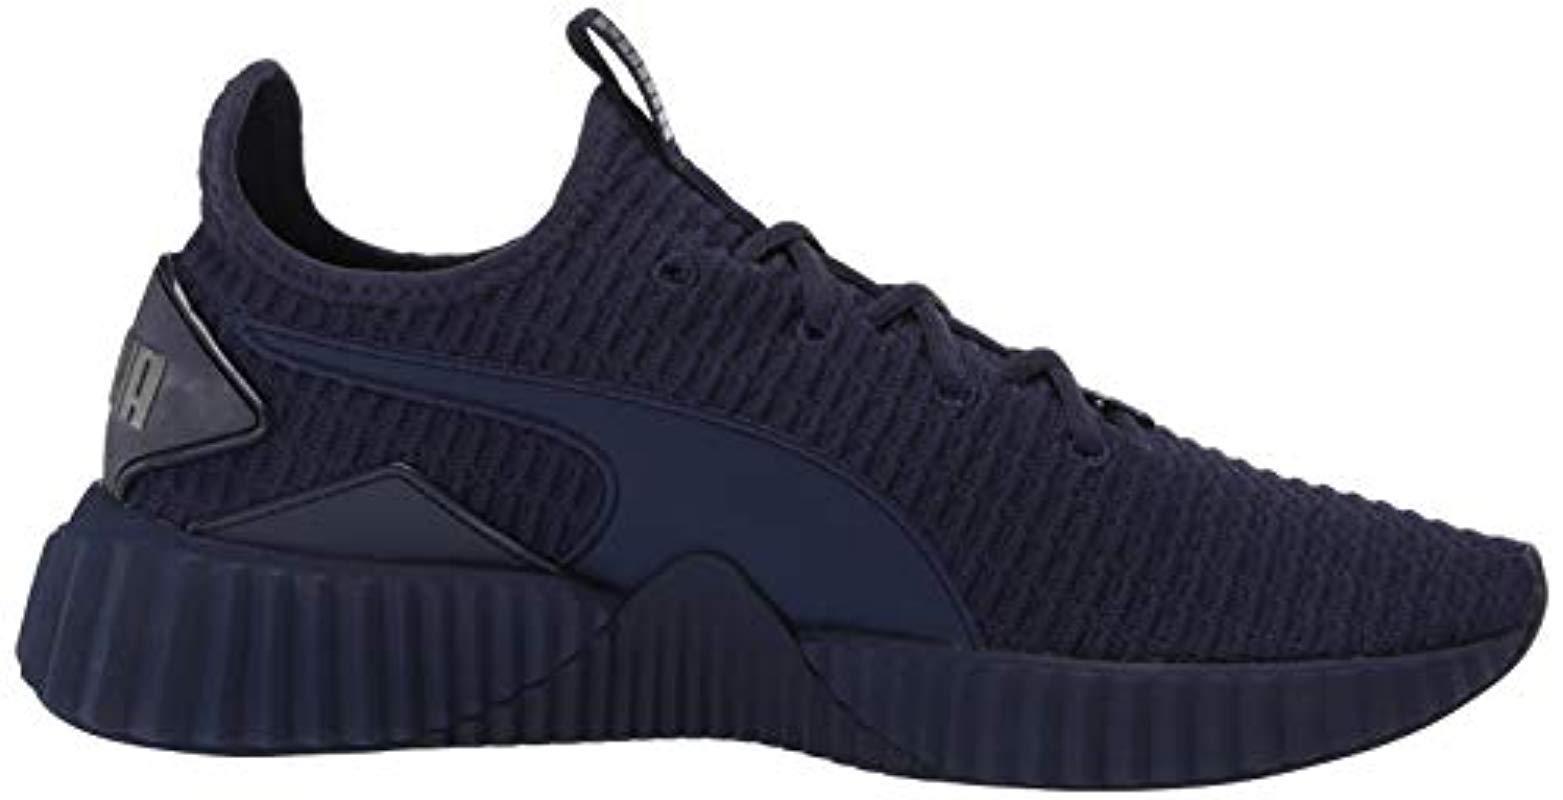 meilleur modélisation durable Style magnifique PUMA Defy Mens Sneaker Peacoat 13 M US green.kiss.us